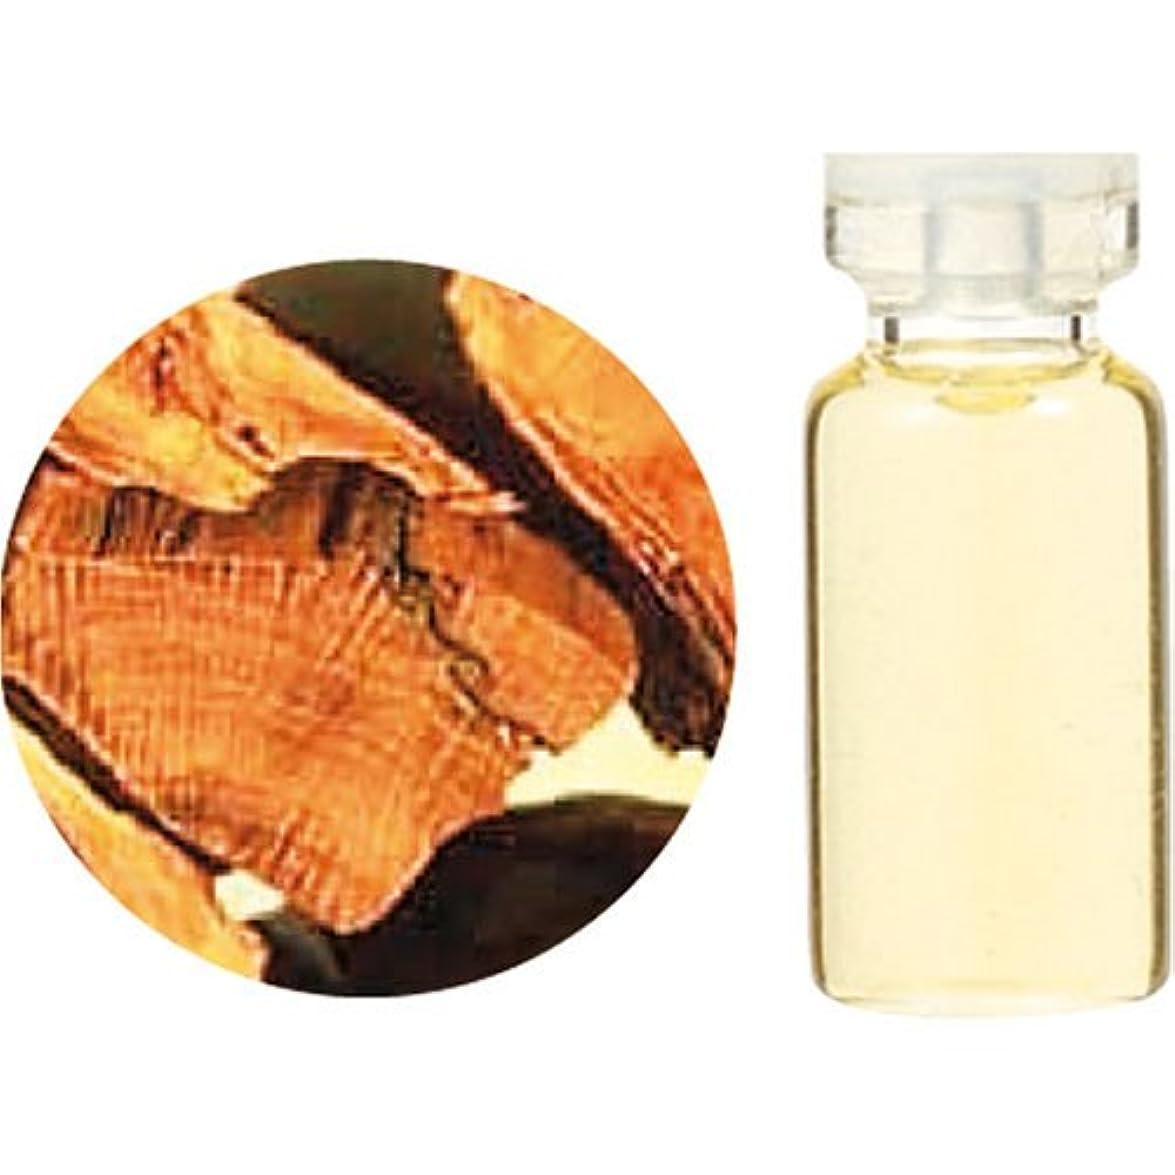 エンターテインメント利用可能弱まる生活の木 エッセンシャルオイル サンダルウッド 10ml